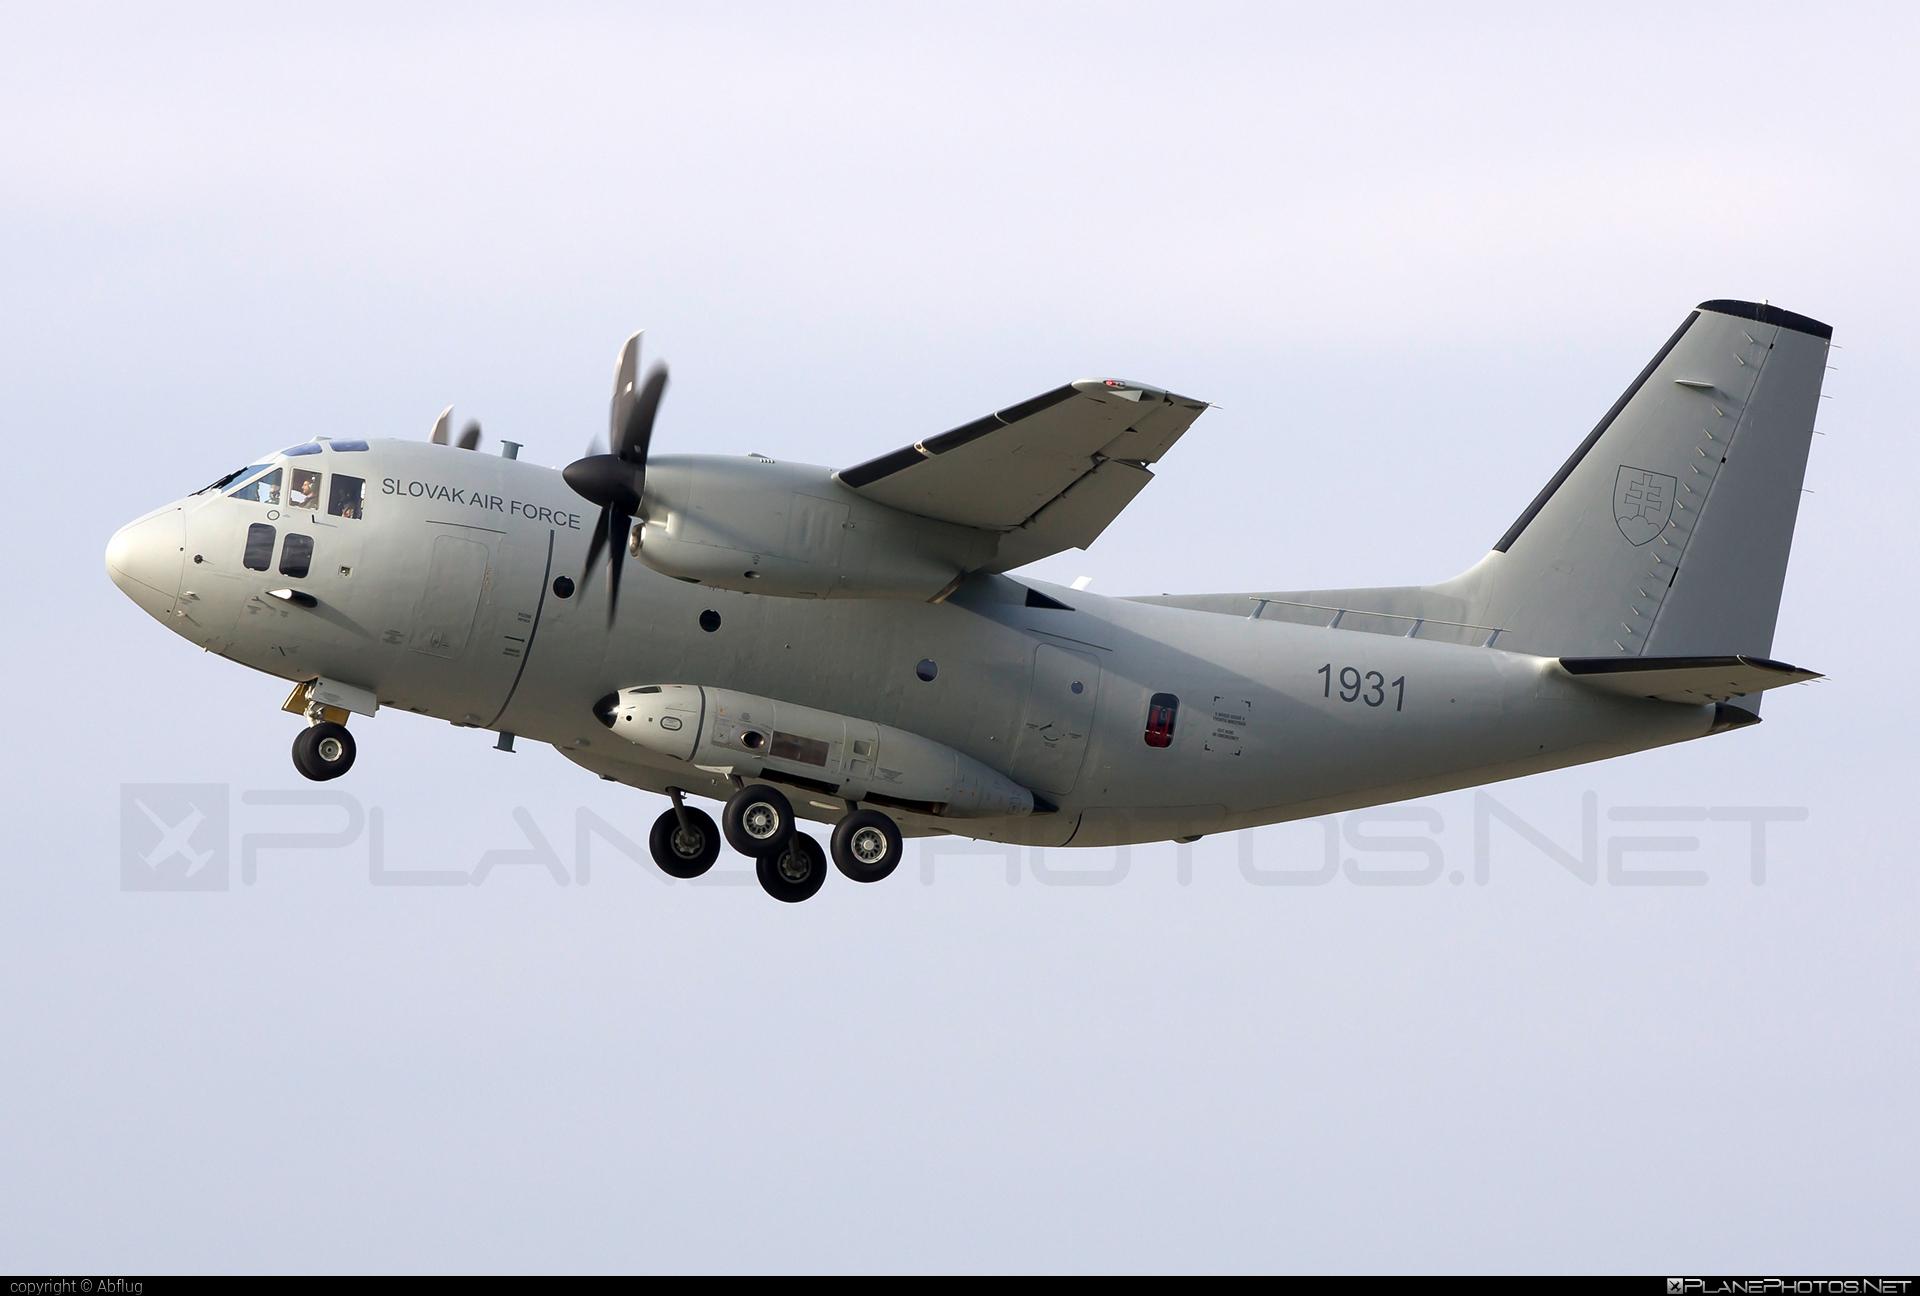 Vzdušné sily OS SR (Slovak Air Force) Leonardo C-27J Spartan - 1931 #leonardo #slovakairforce #vzdusnesilyossr